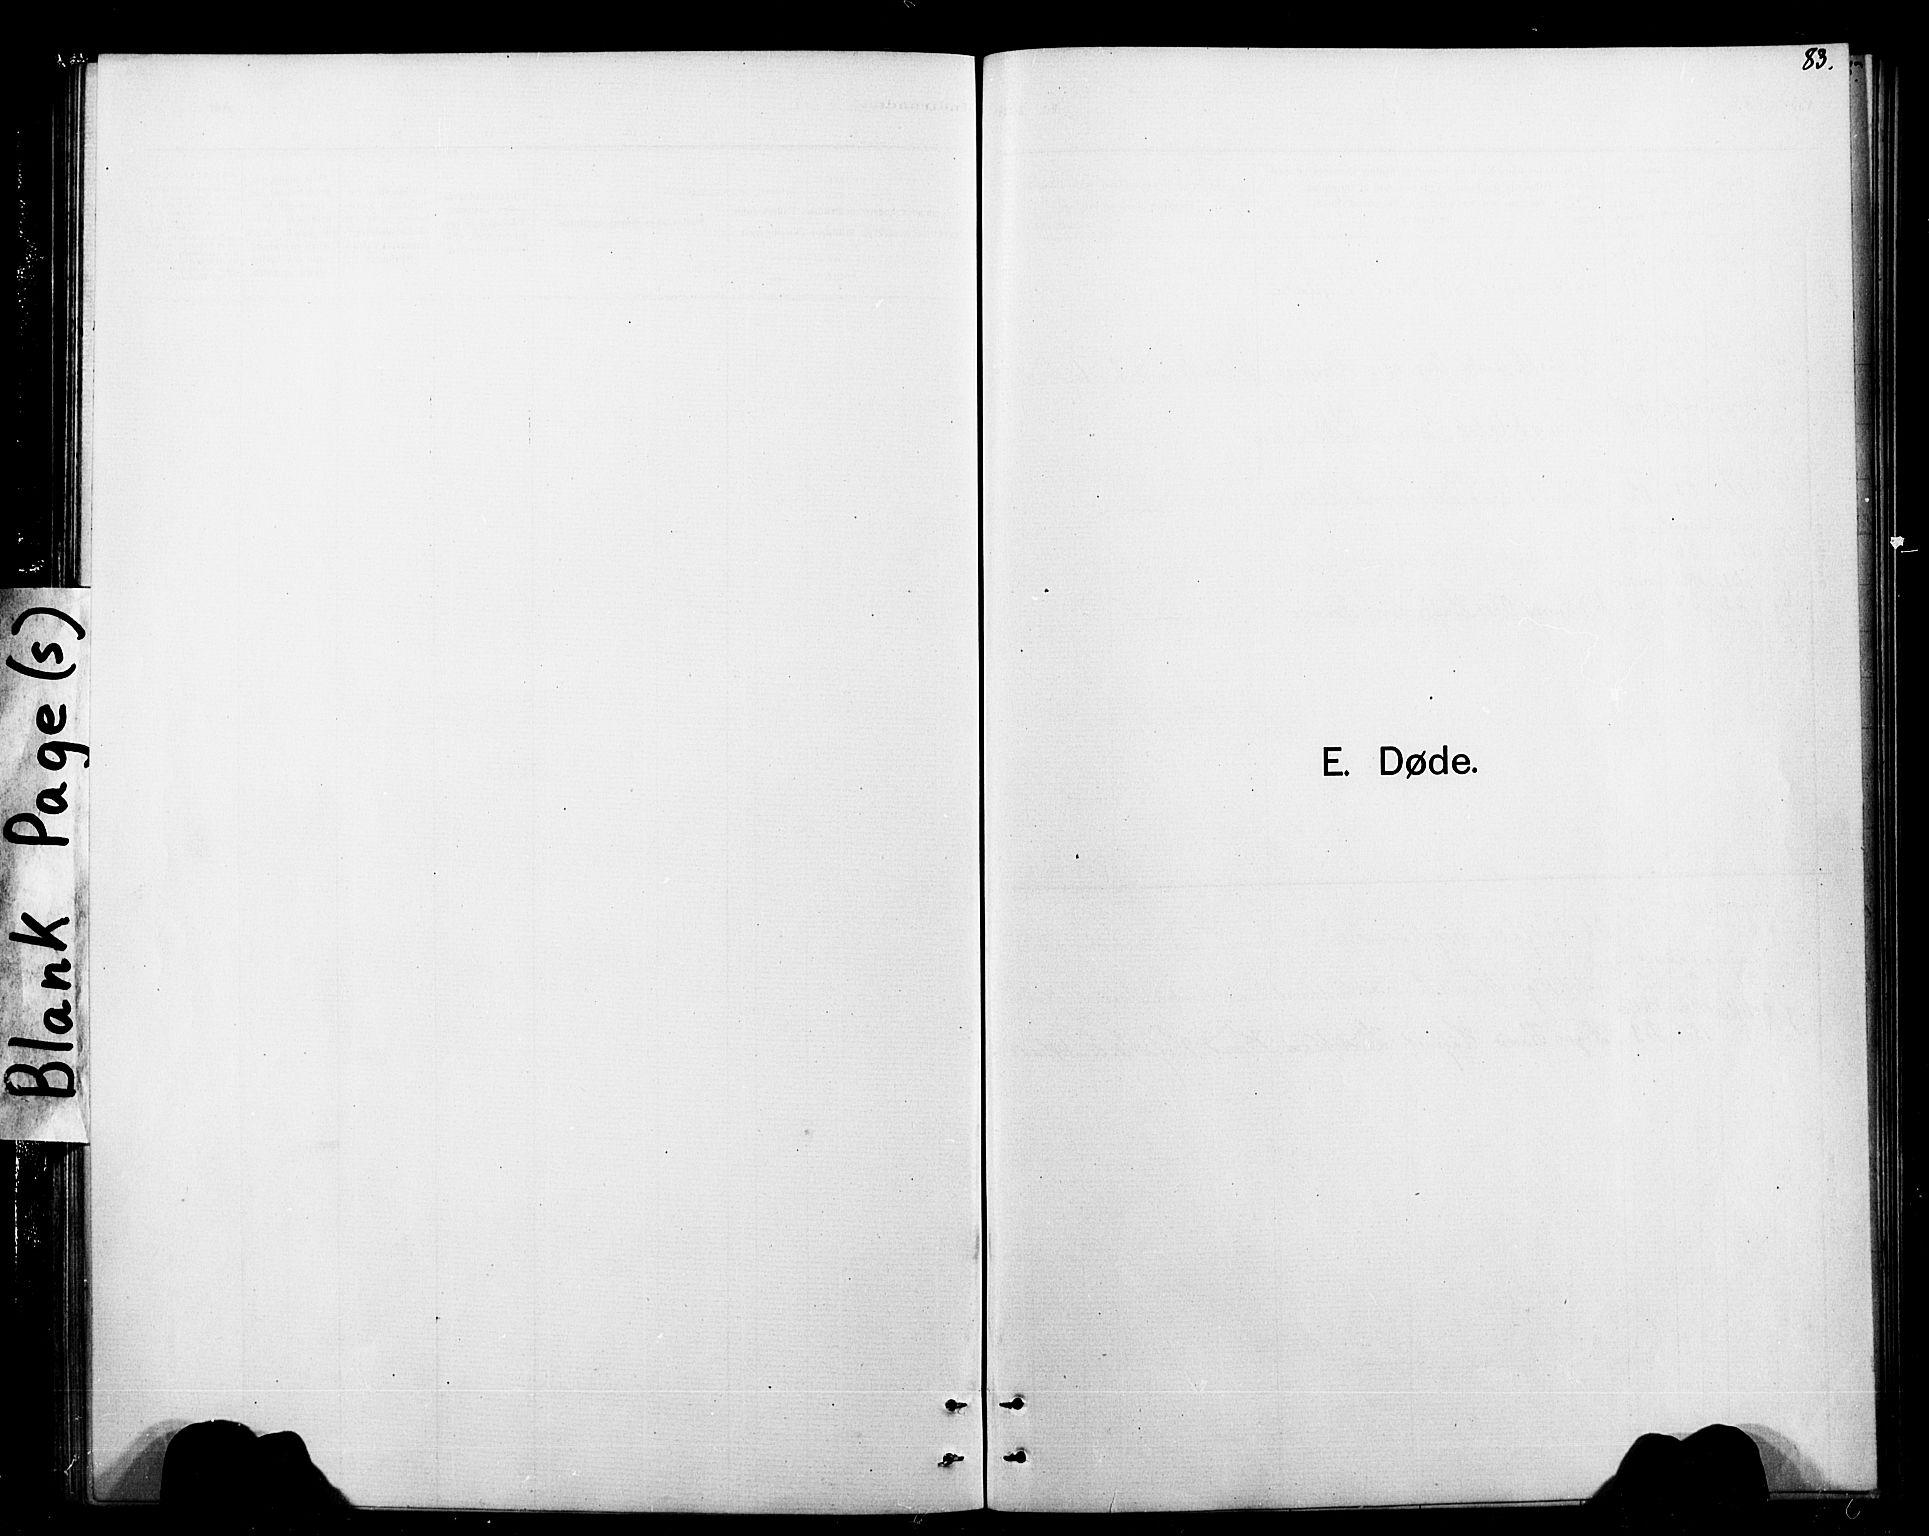 SAT, Ministerialprotokoller, klokkerbøker og fødselsregistre - Sør-Trøndelag, 693/L1123: Klokkerbok nr. 693C04, 1887-1910, s. 83